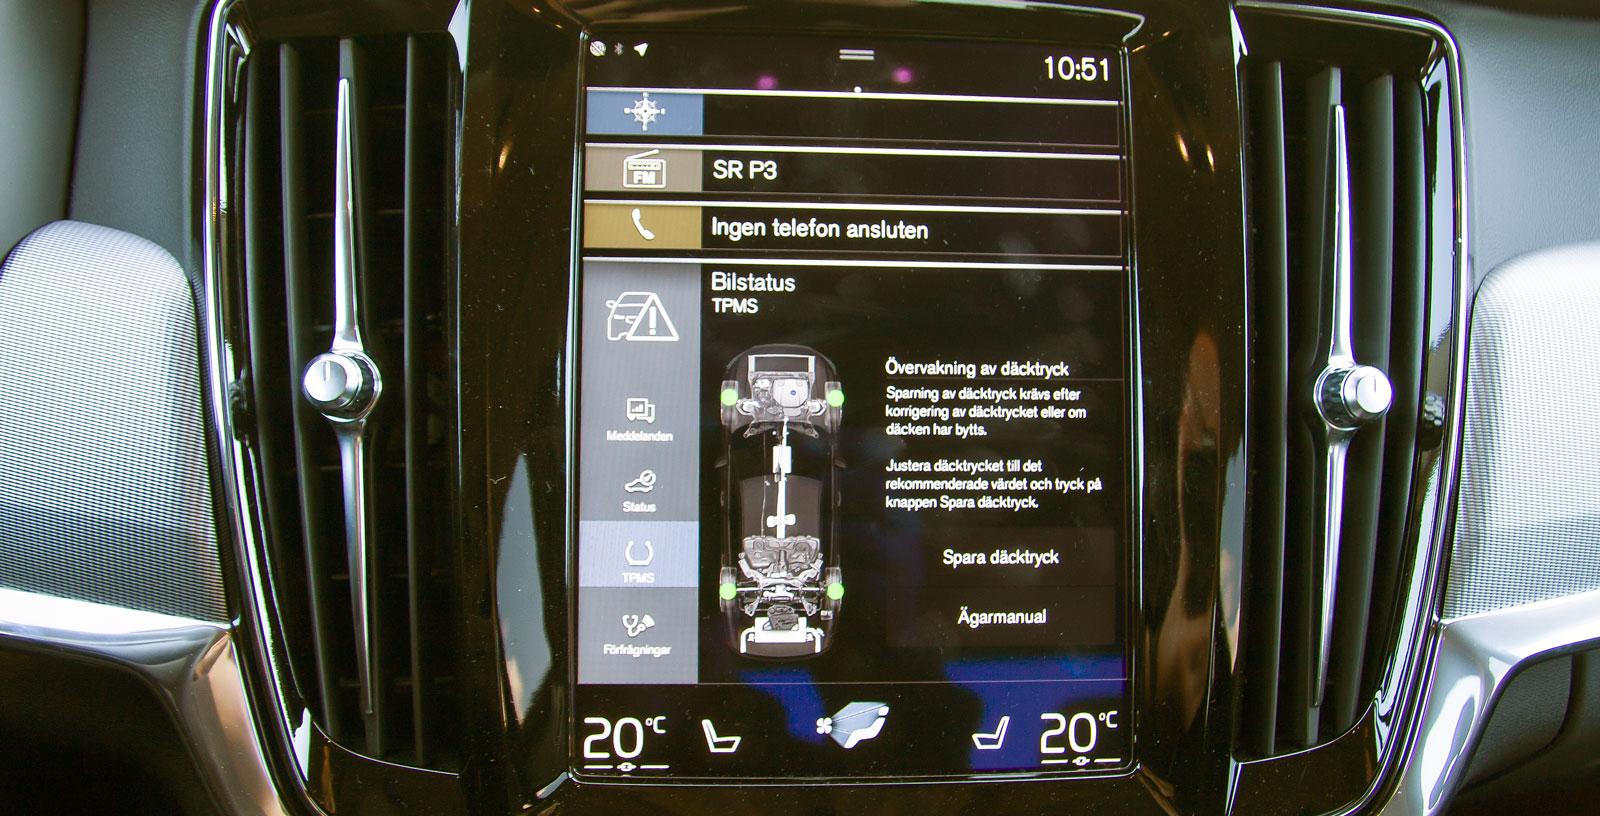 I Volvo samlas nästan alla funktioner i den på högkant stående skärmen. Kräver viss tillvänjning men fungerar helt okej. Helheten ser billigare ut än i de tyskarna bilarna.